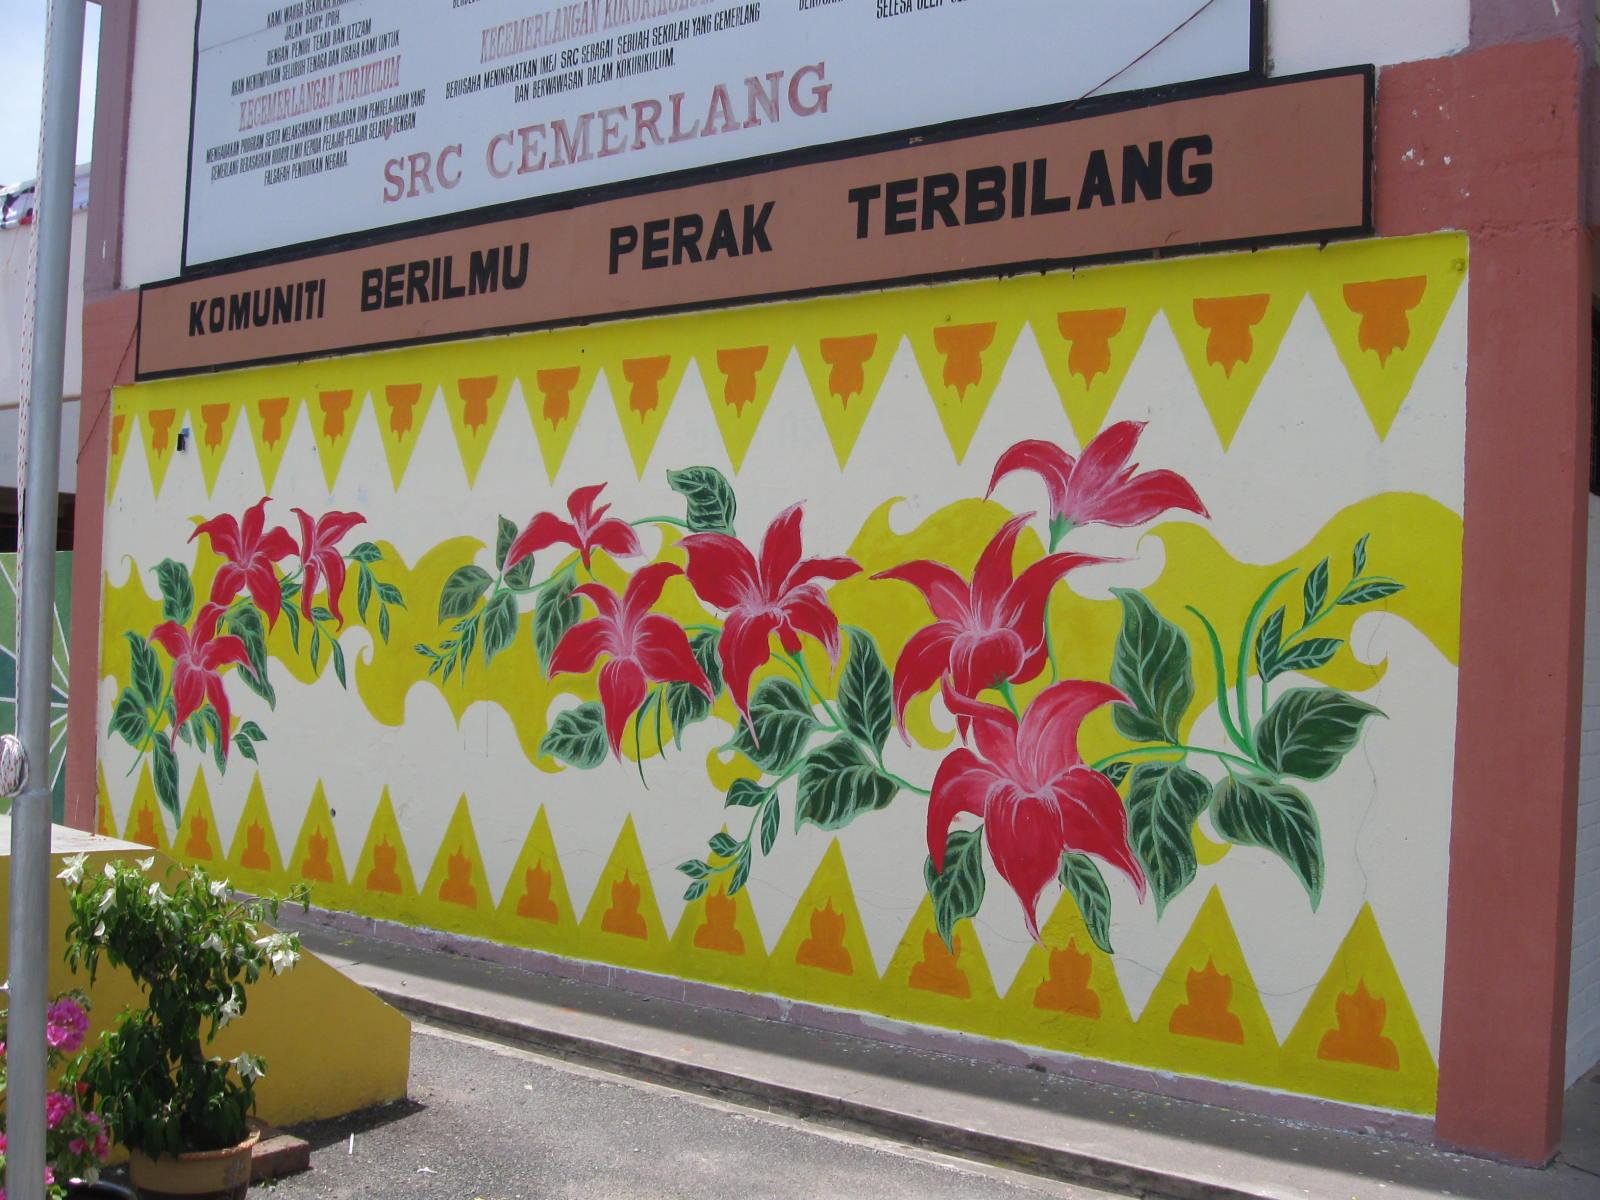 Secubit rasa semanis kenangan buat mural baru for Mural yang cantik